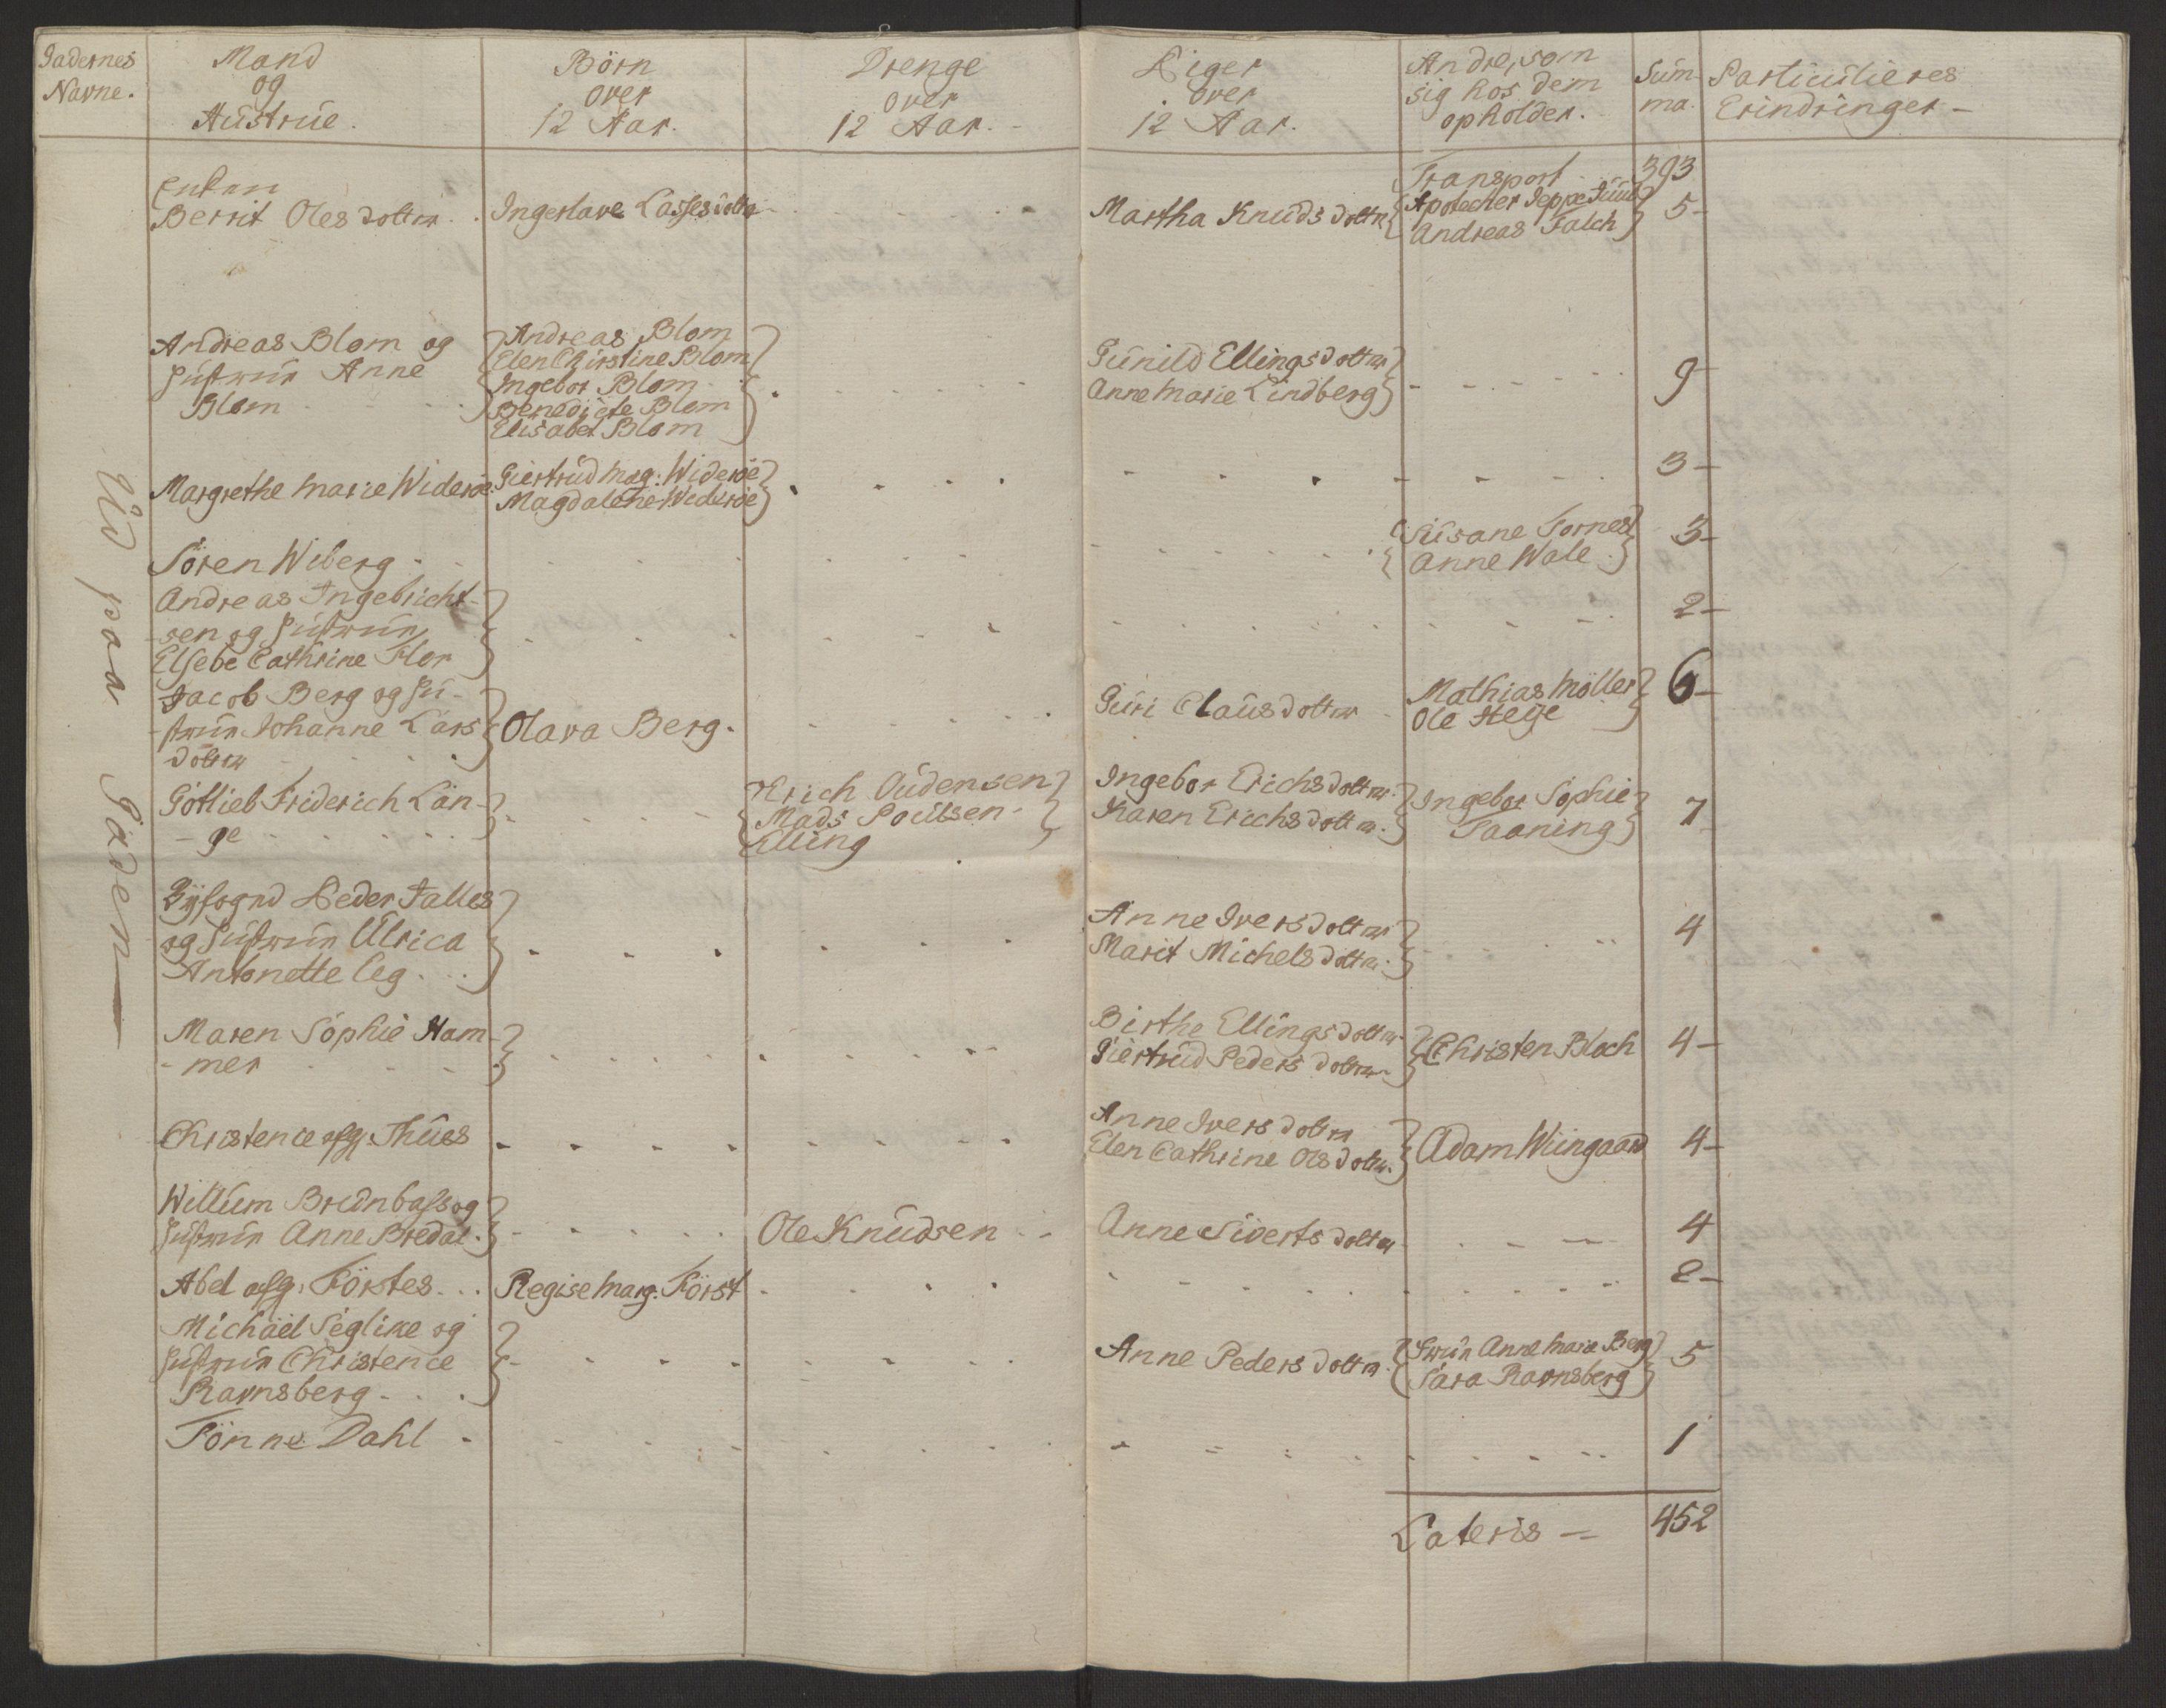 RA, Rentekammeret inntil 1814, Reviderte regnskaper, Byregnskaper, R/Rq/L0487: [Q1] Kontribusjonsregnskap, 1762-1772, s. 20